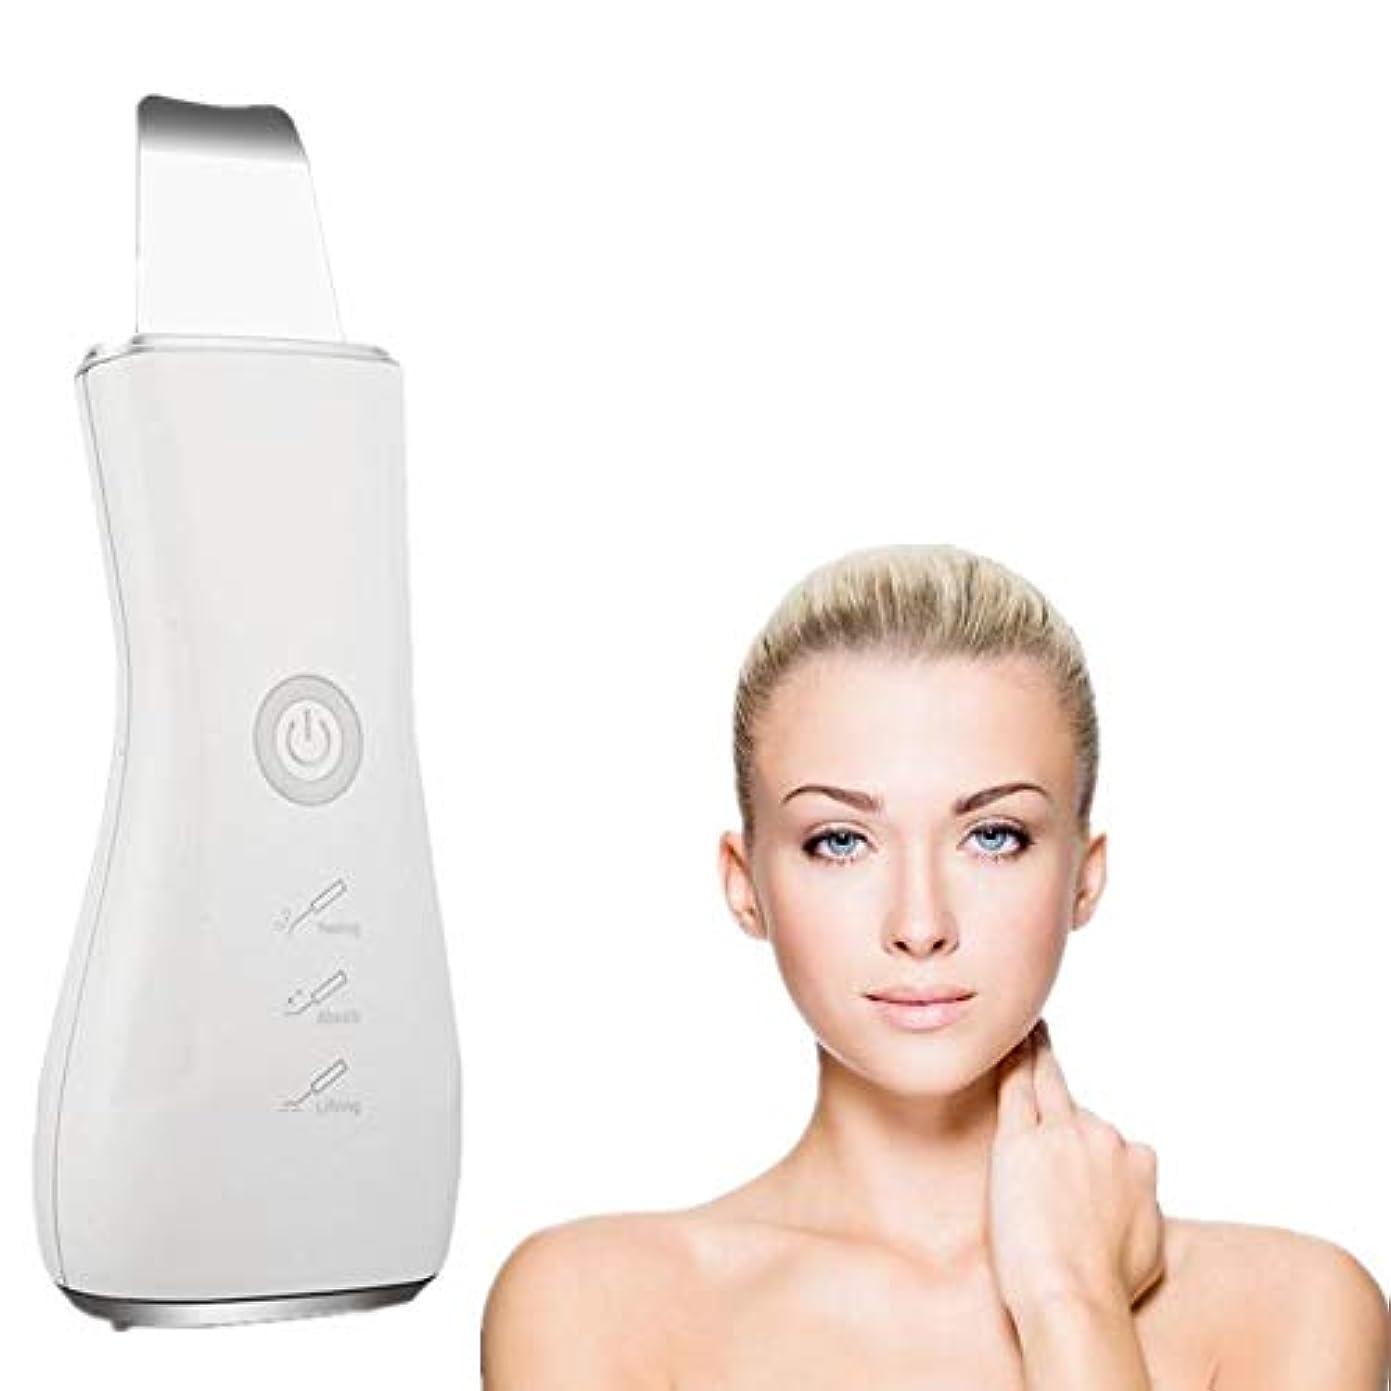 最初に制限された委員会顔の皮膚スクラバーブラックヘッドリムーバー毛穴充電式スキンスクラバー光子の若返り美容スキンクリーナーEMSクリーニングイオン導入モードUSB充電式美容ツール、シルバー